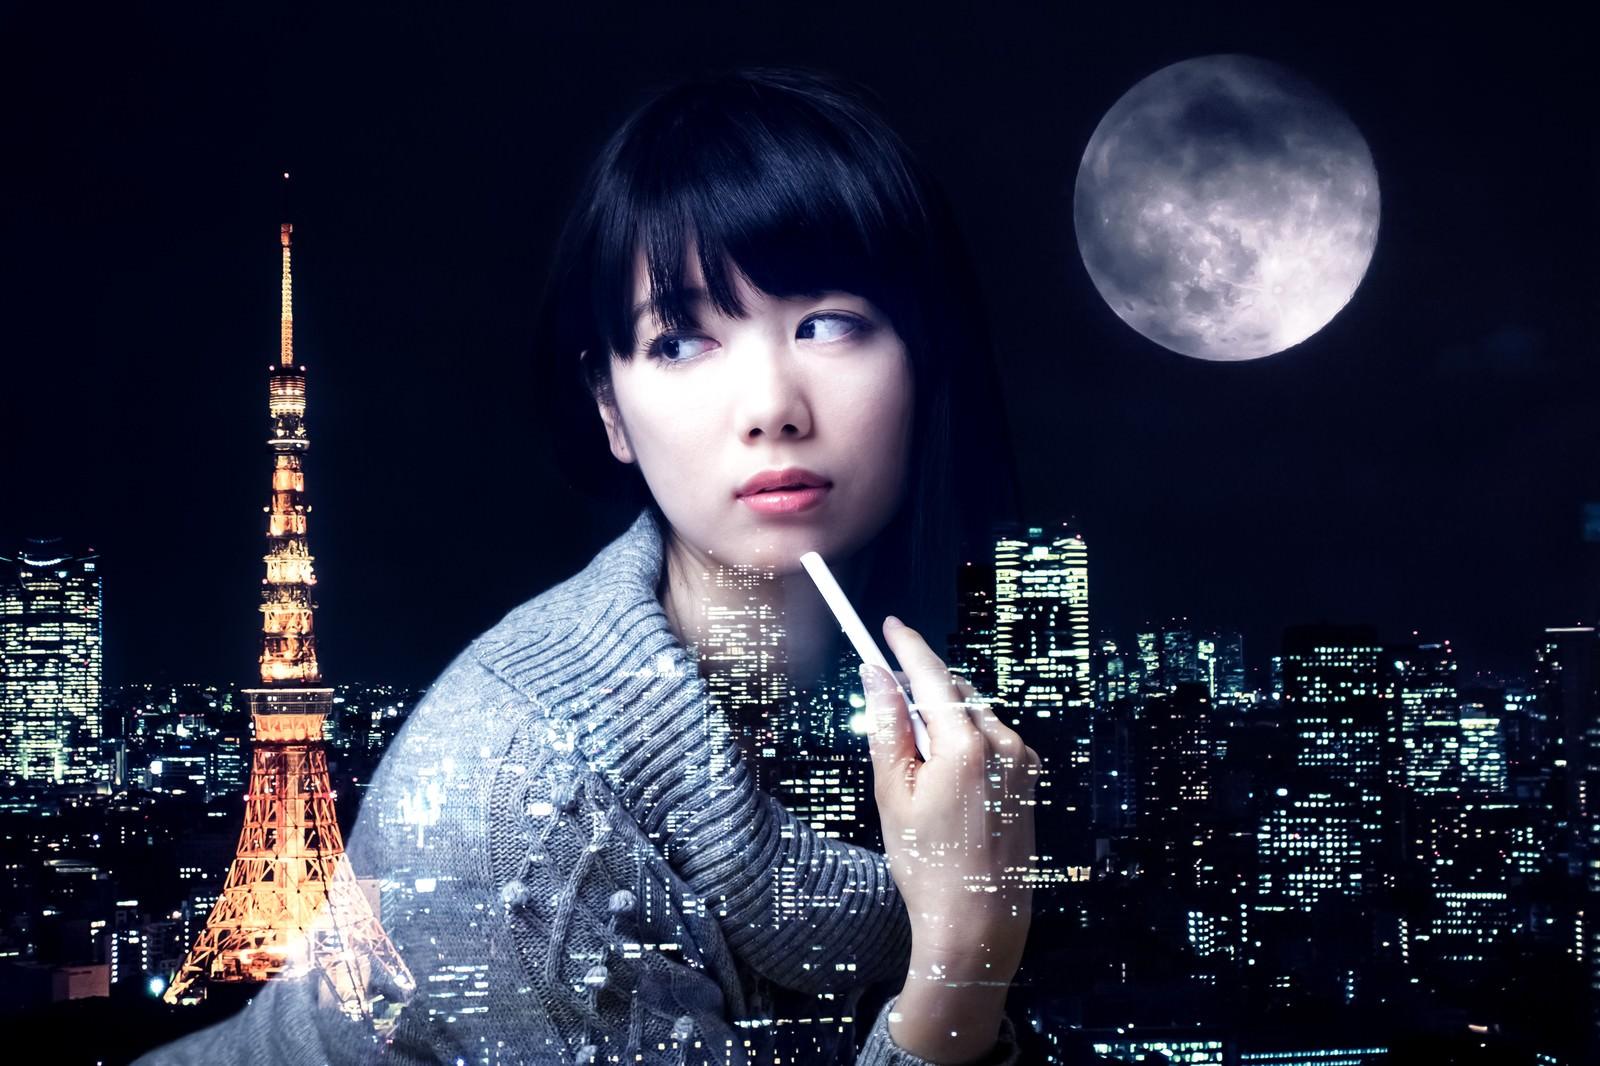 「美女と東京タワーと満月(フォトモンタージュ)美女と東京タワーと満月(フォトモンタージュ)」[モデル:白鳥片栗粉]のフリー写真素材を拡大